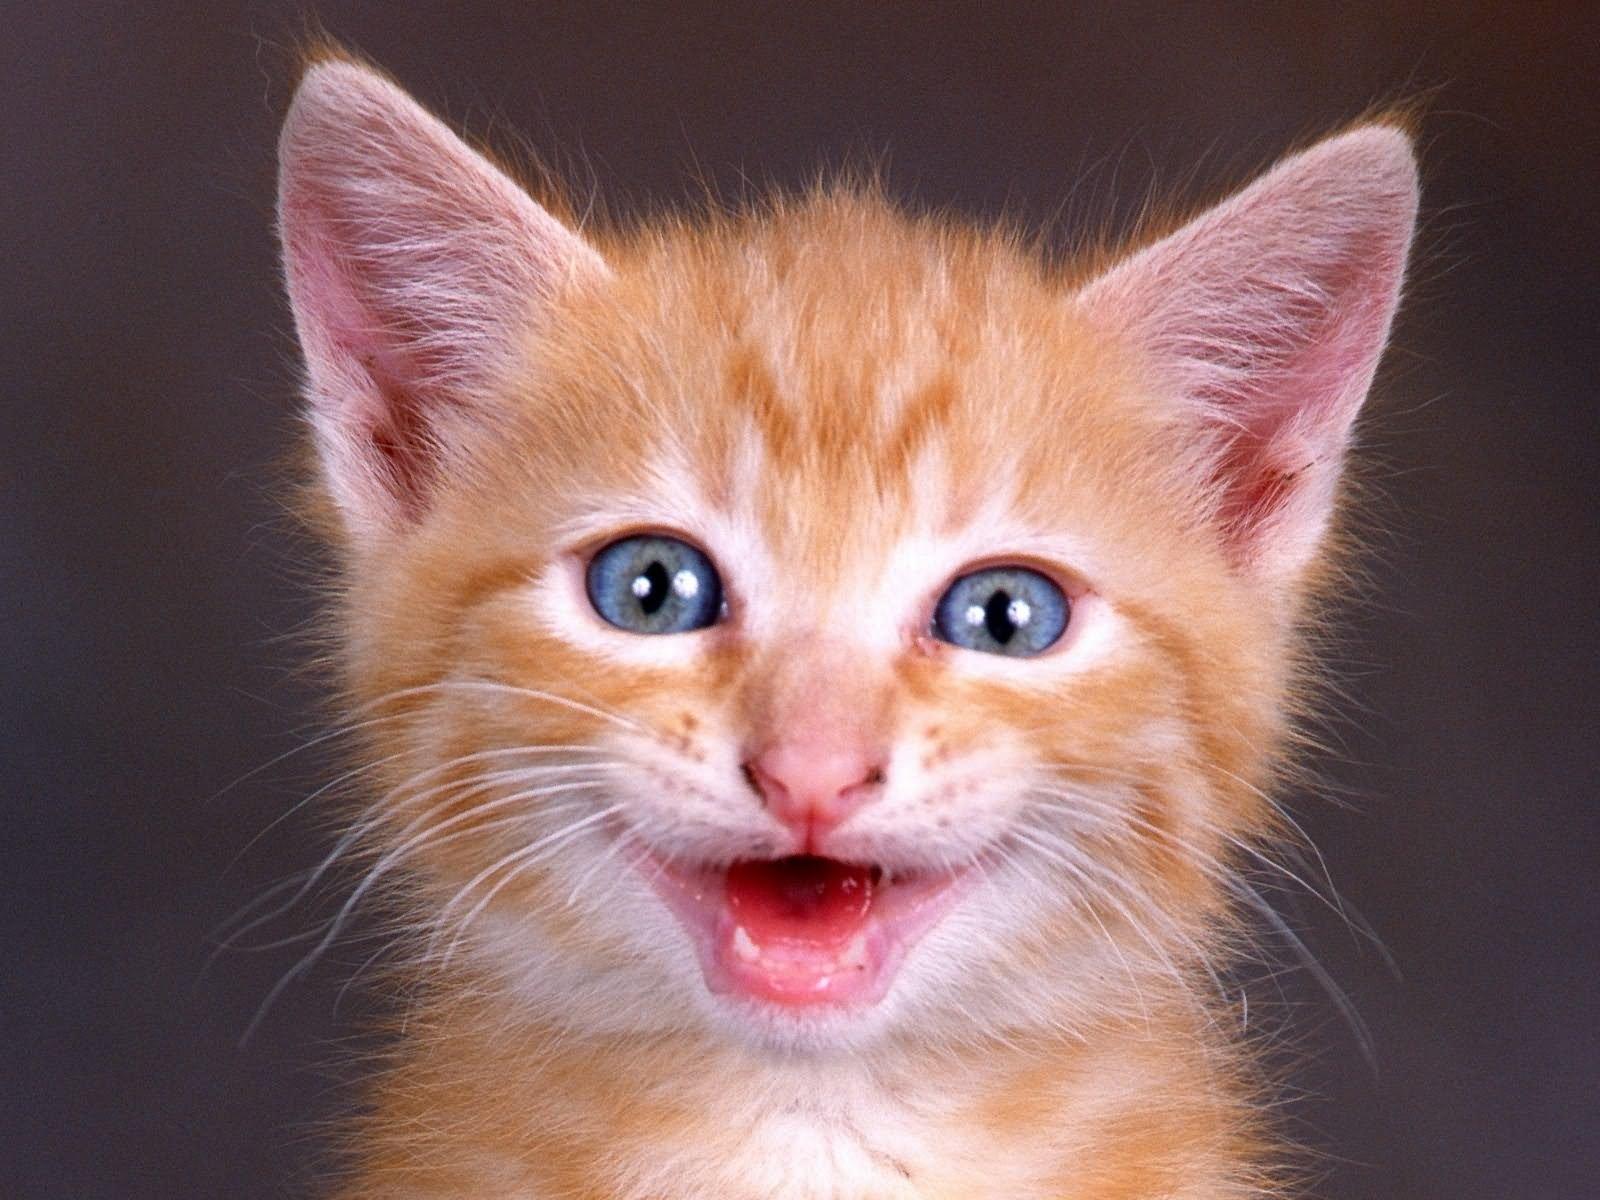 обыкновенная картинки с счастливыми кошками шапки является трикотаж